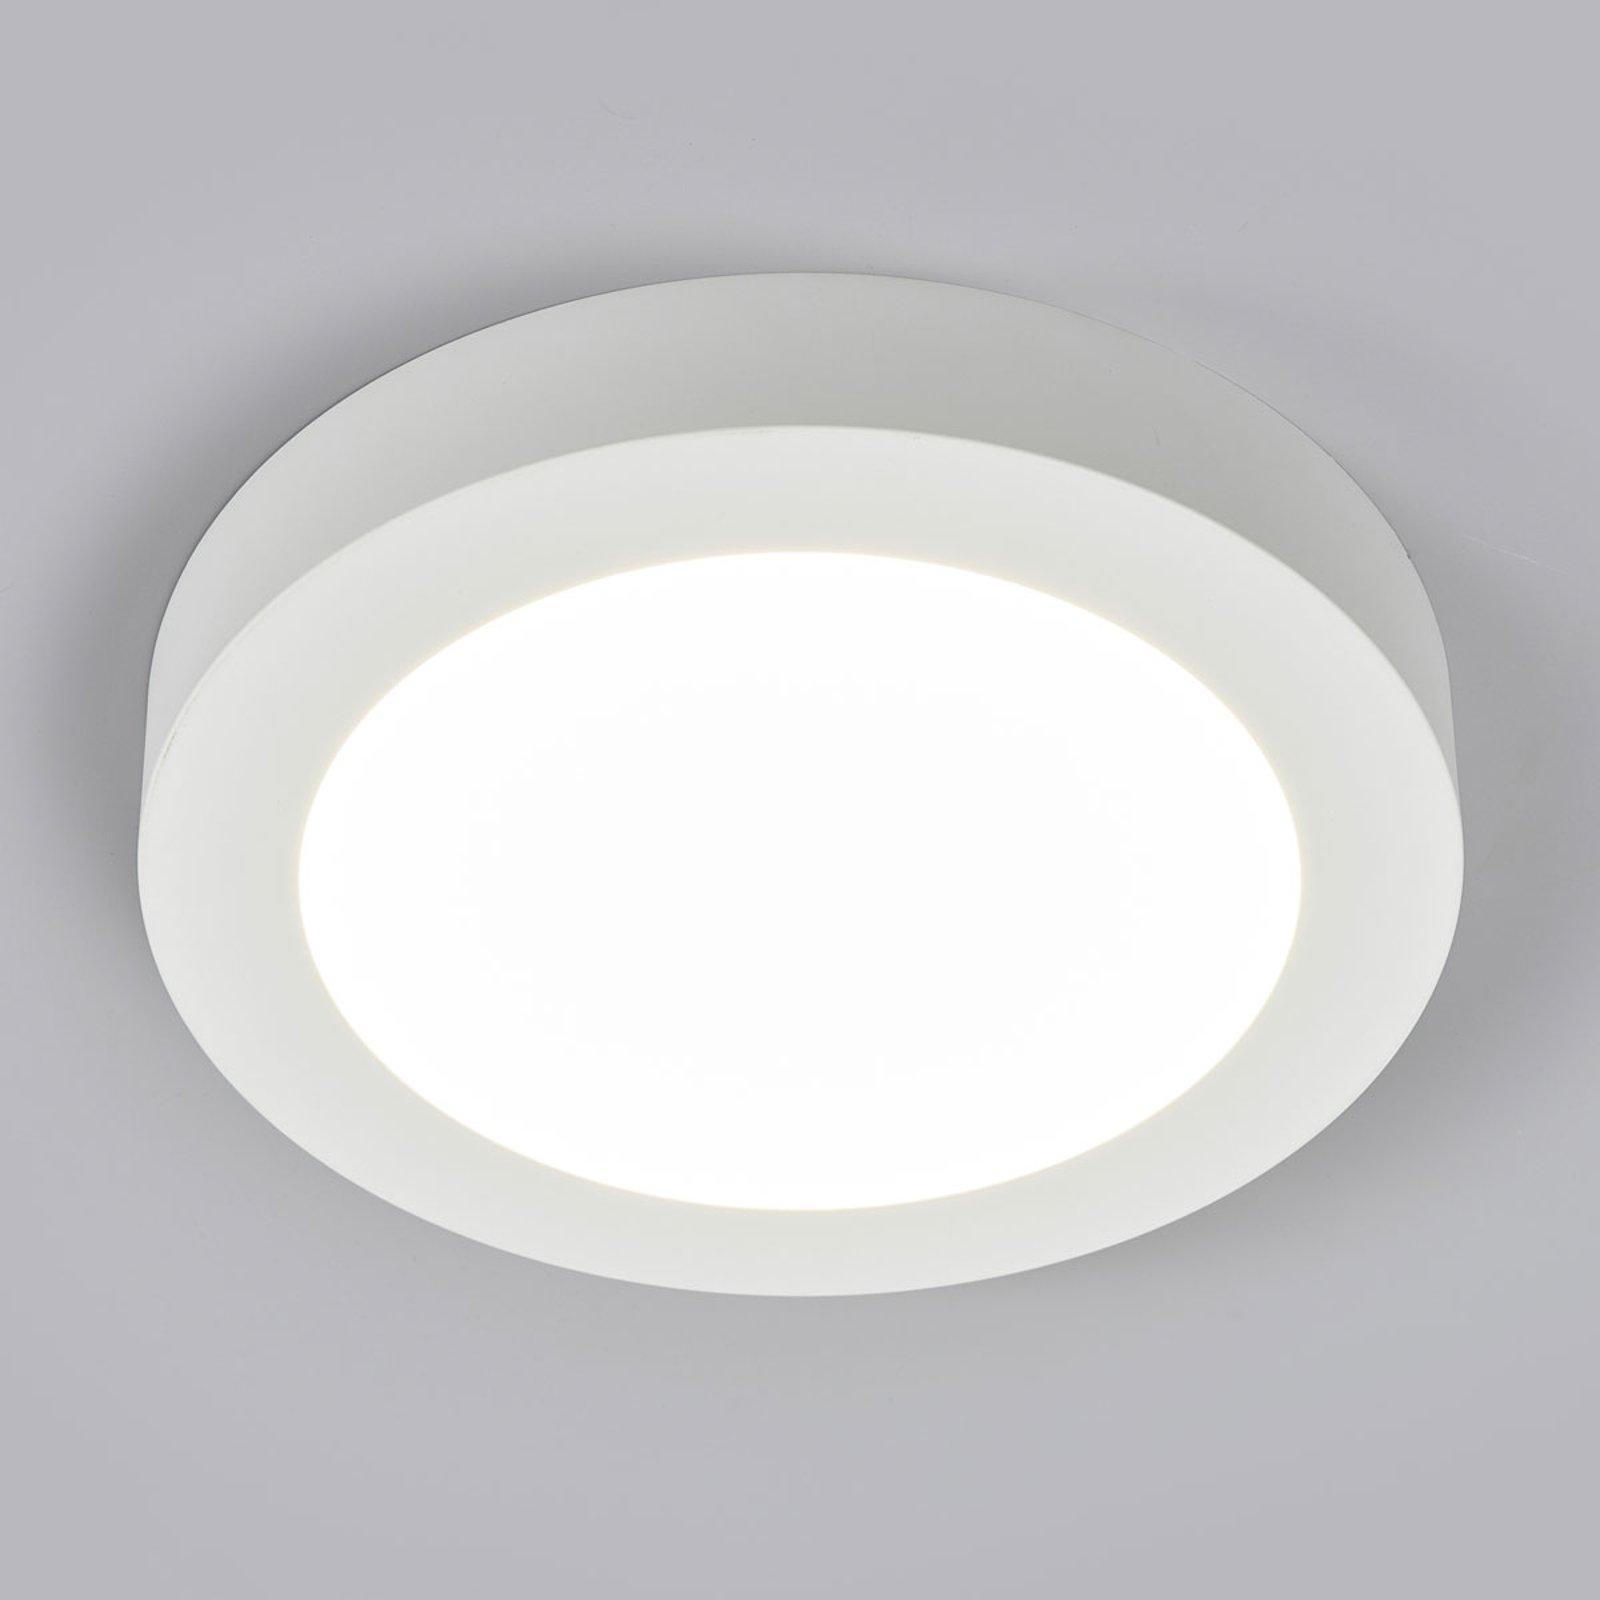 LED-taklampe Marlo, hvit, 4 000 K rund 25,2cm